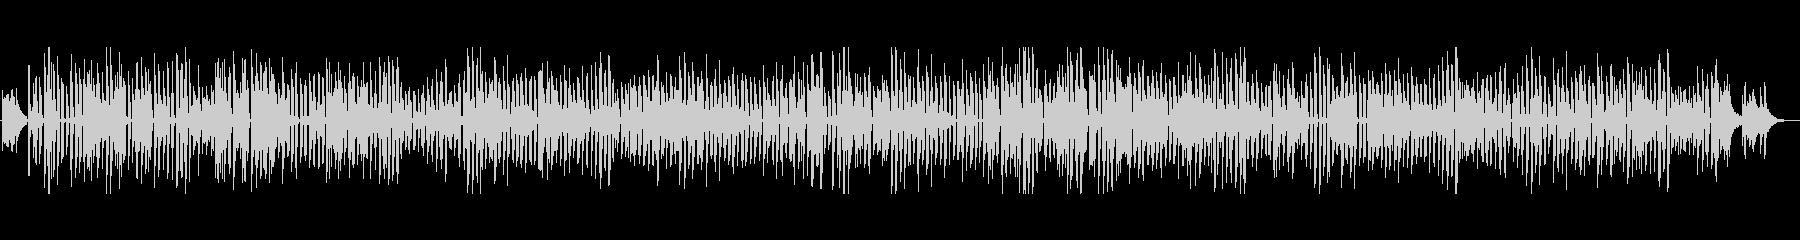 アコースティックギターのブルースの未再生の波形